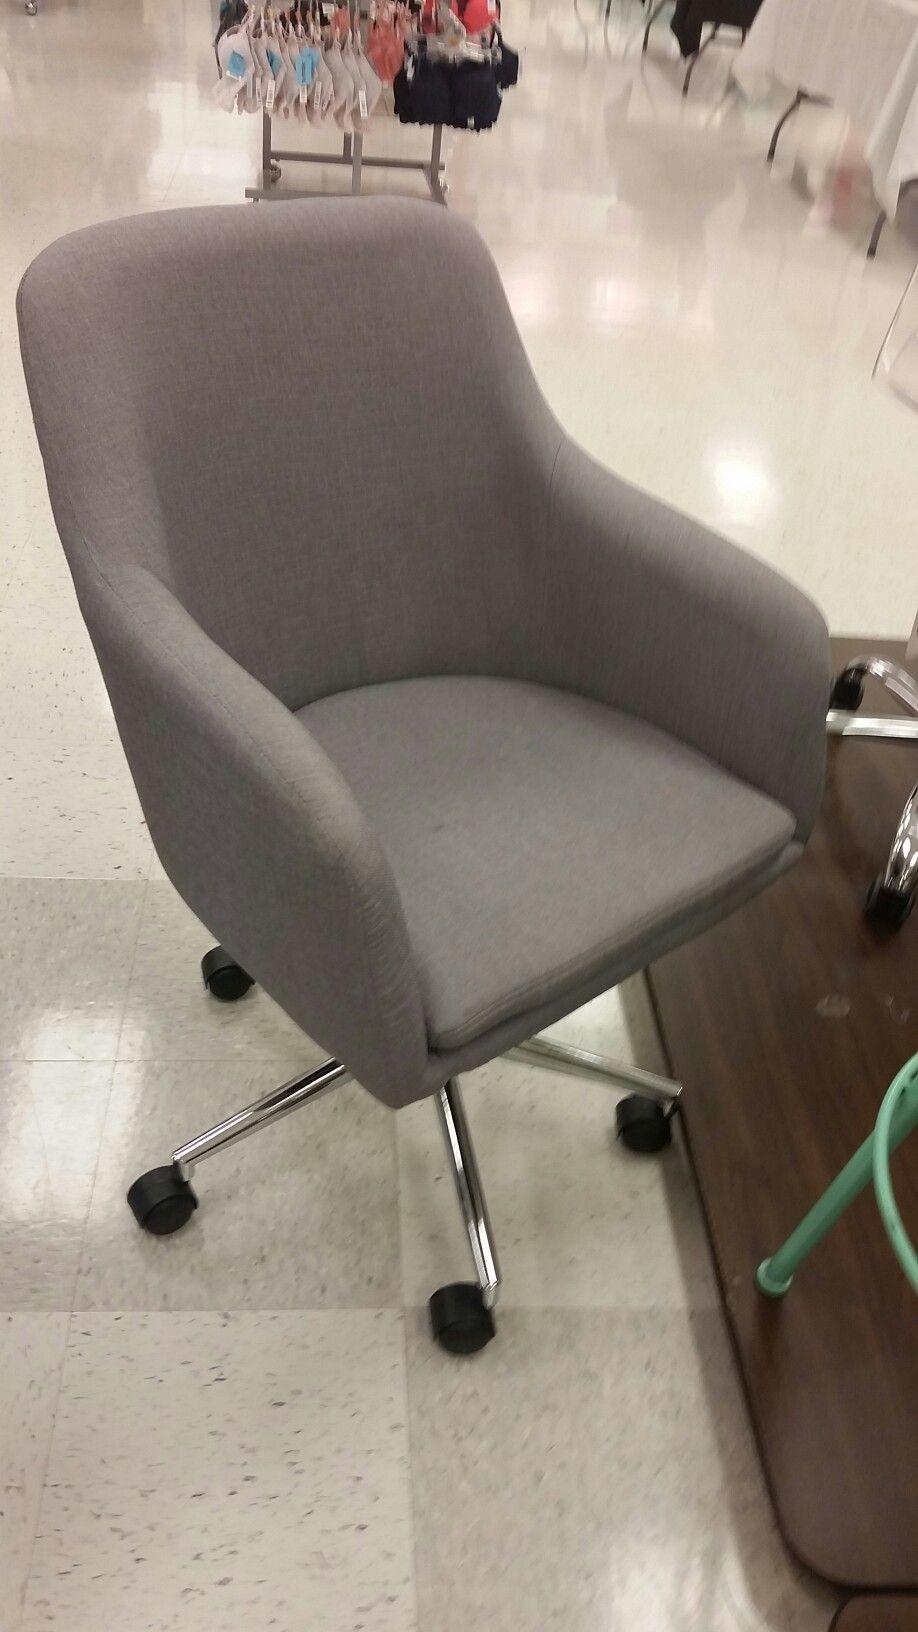 Desk Chair Option TJ MAXX Georgetown